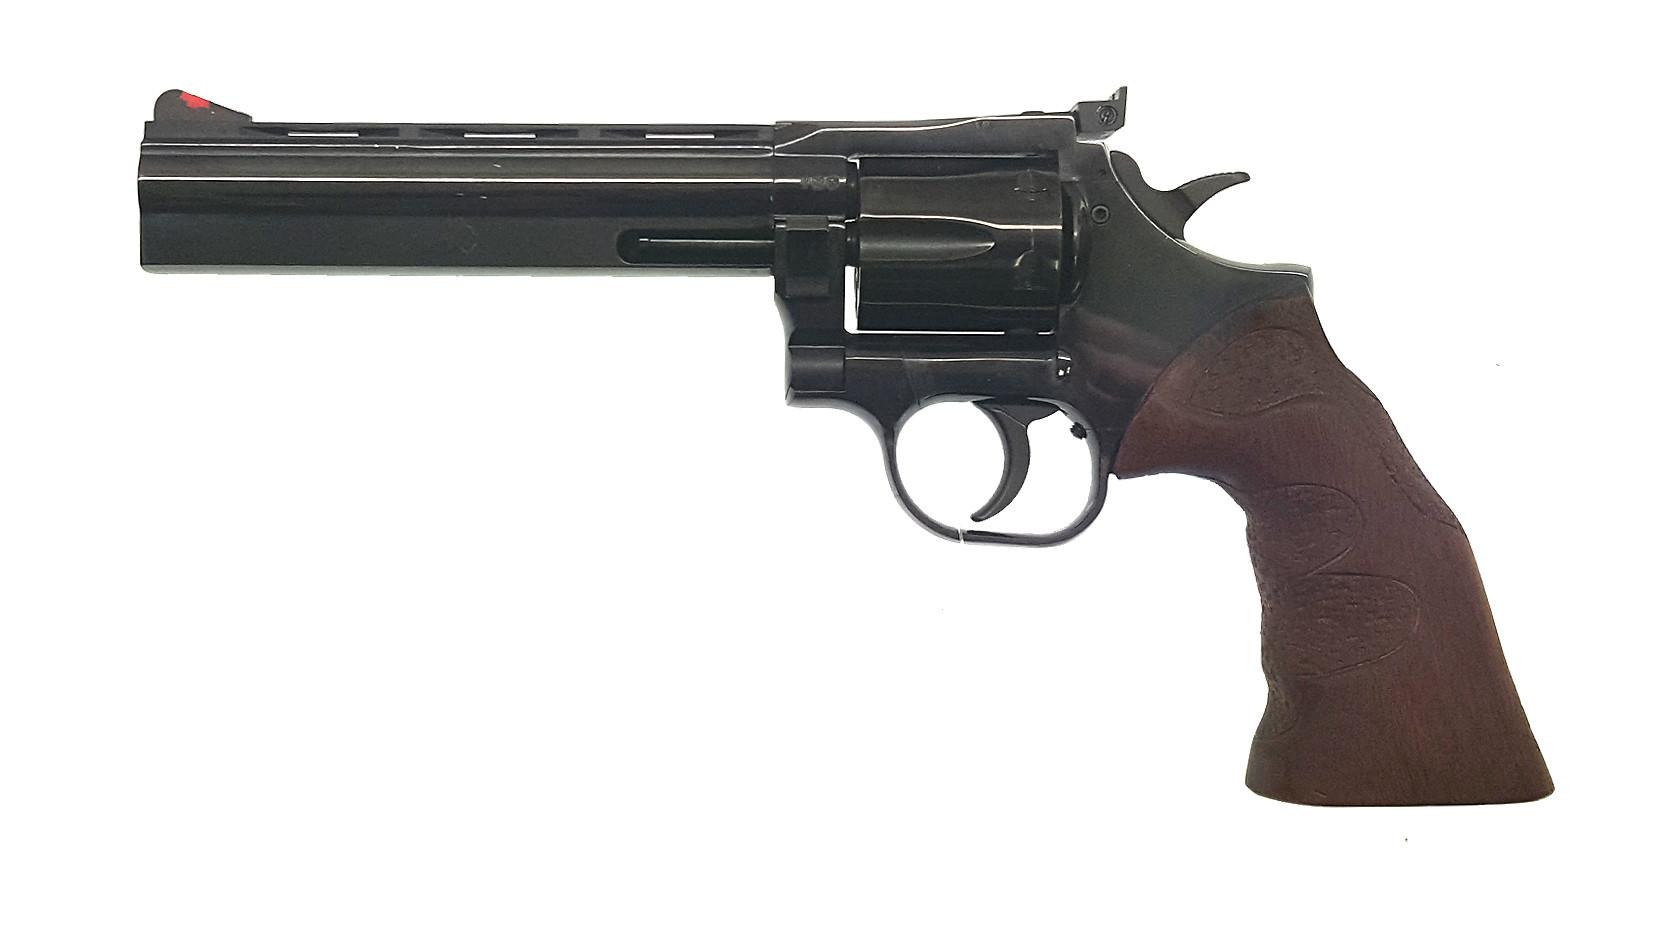 Gebrauchter Revolver Dan Wesson .357 Mag. Waffenstube Thalkirchen München Bayern Deutschland